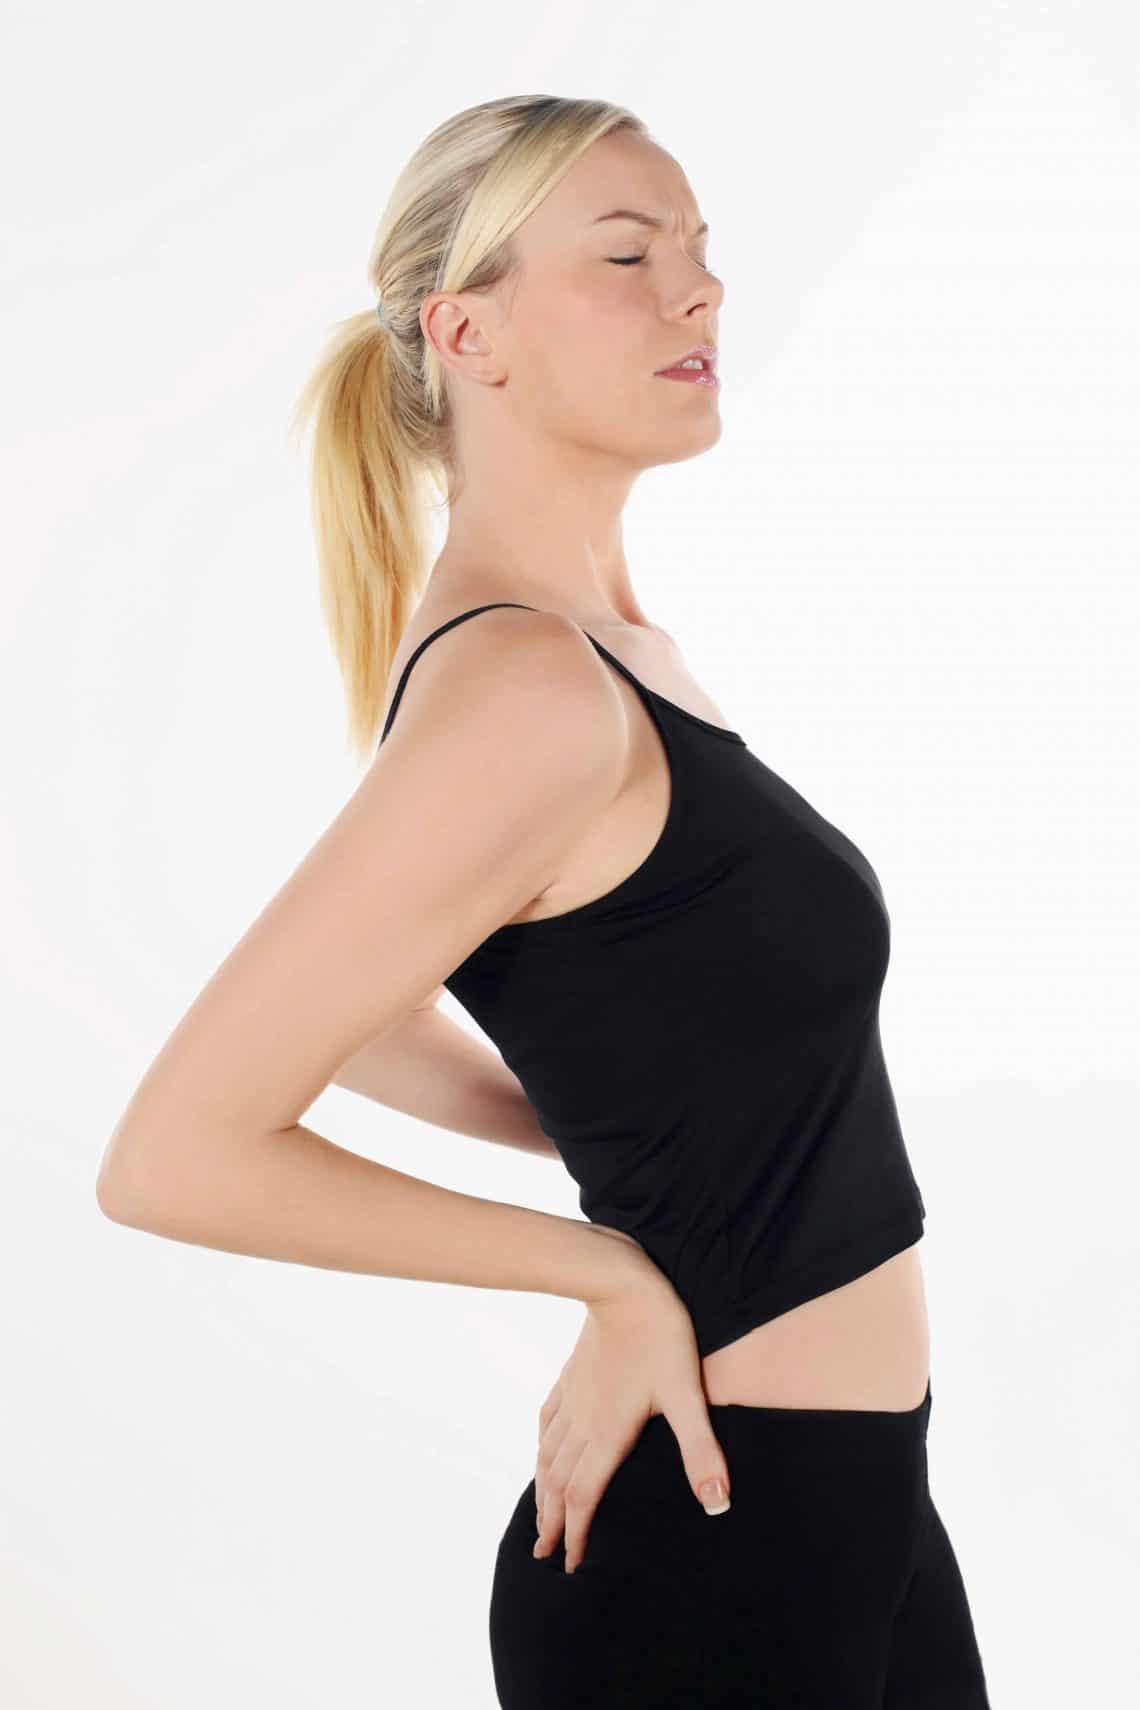 Jak pozbyć się bólu pleców? Ćwiczenia na zdrowy kręgosłup